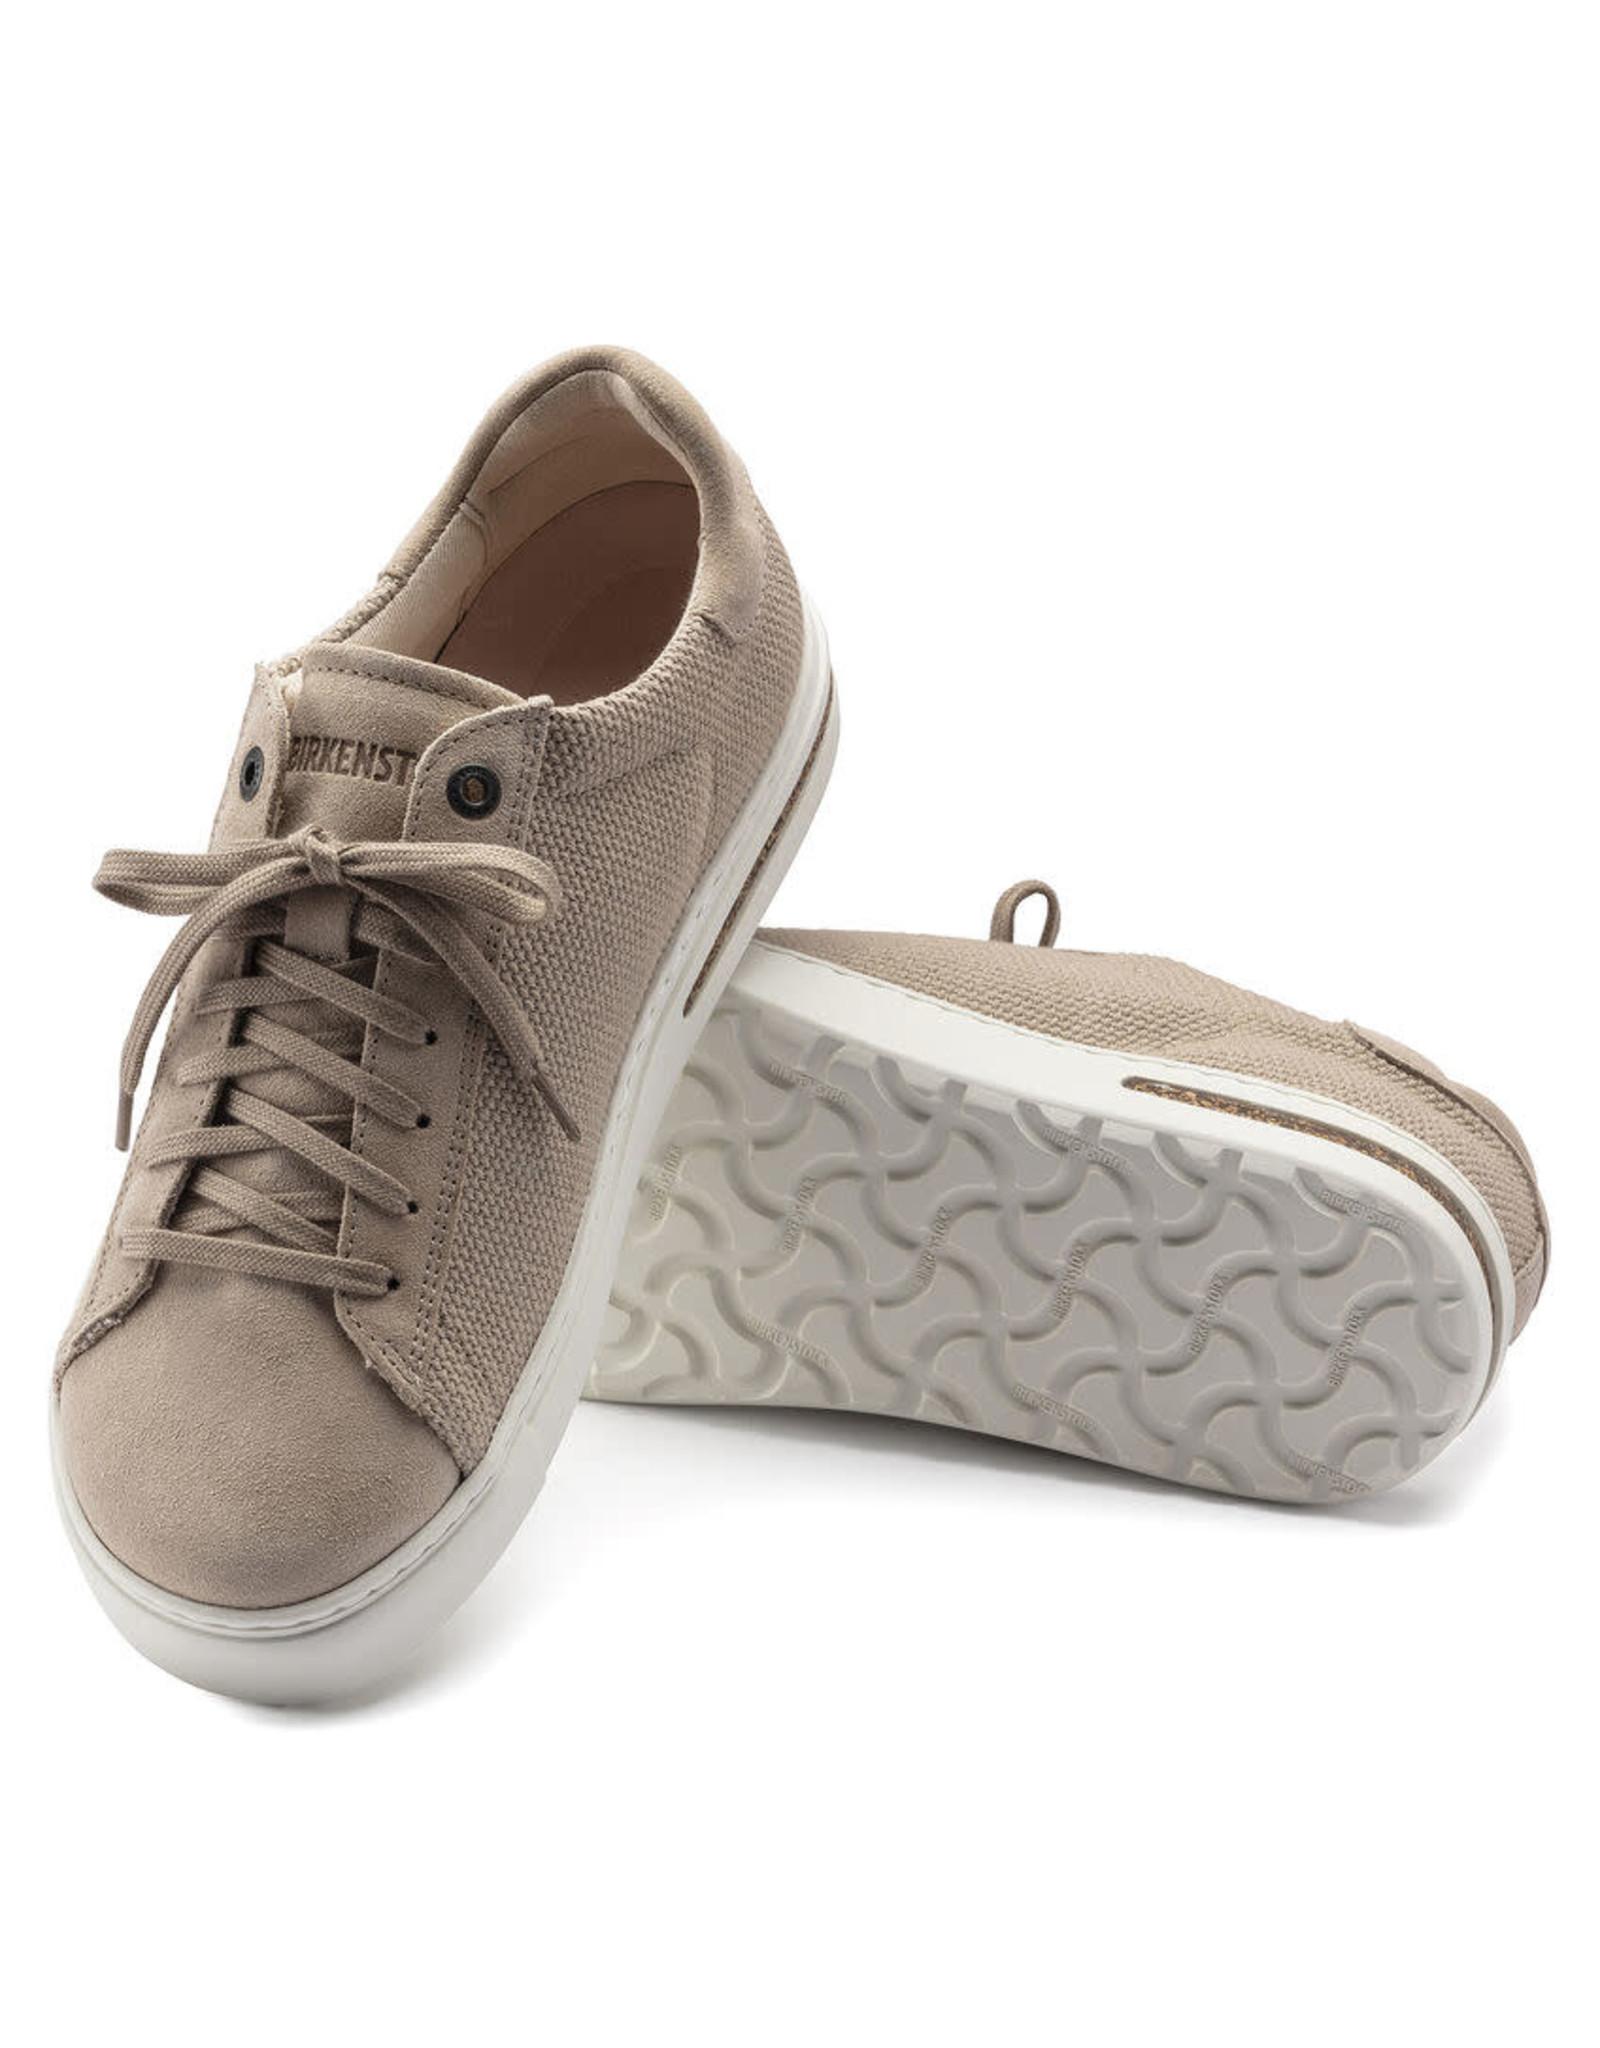 Birkenstock Bend Low Canvas/Suede Shoe